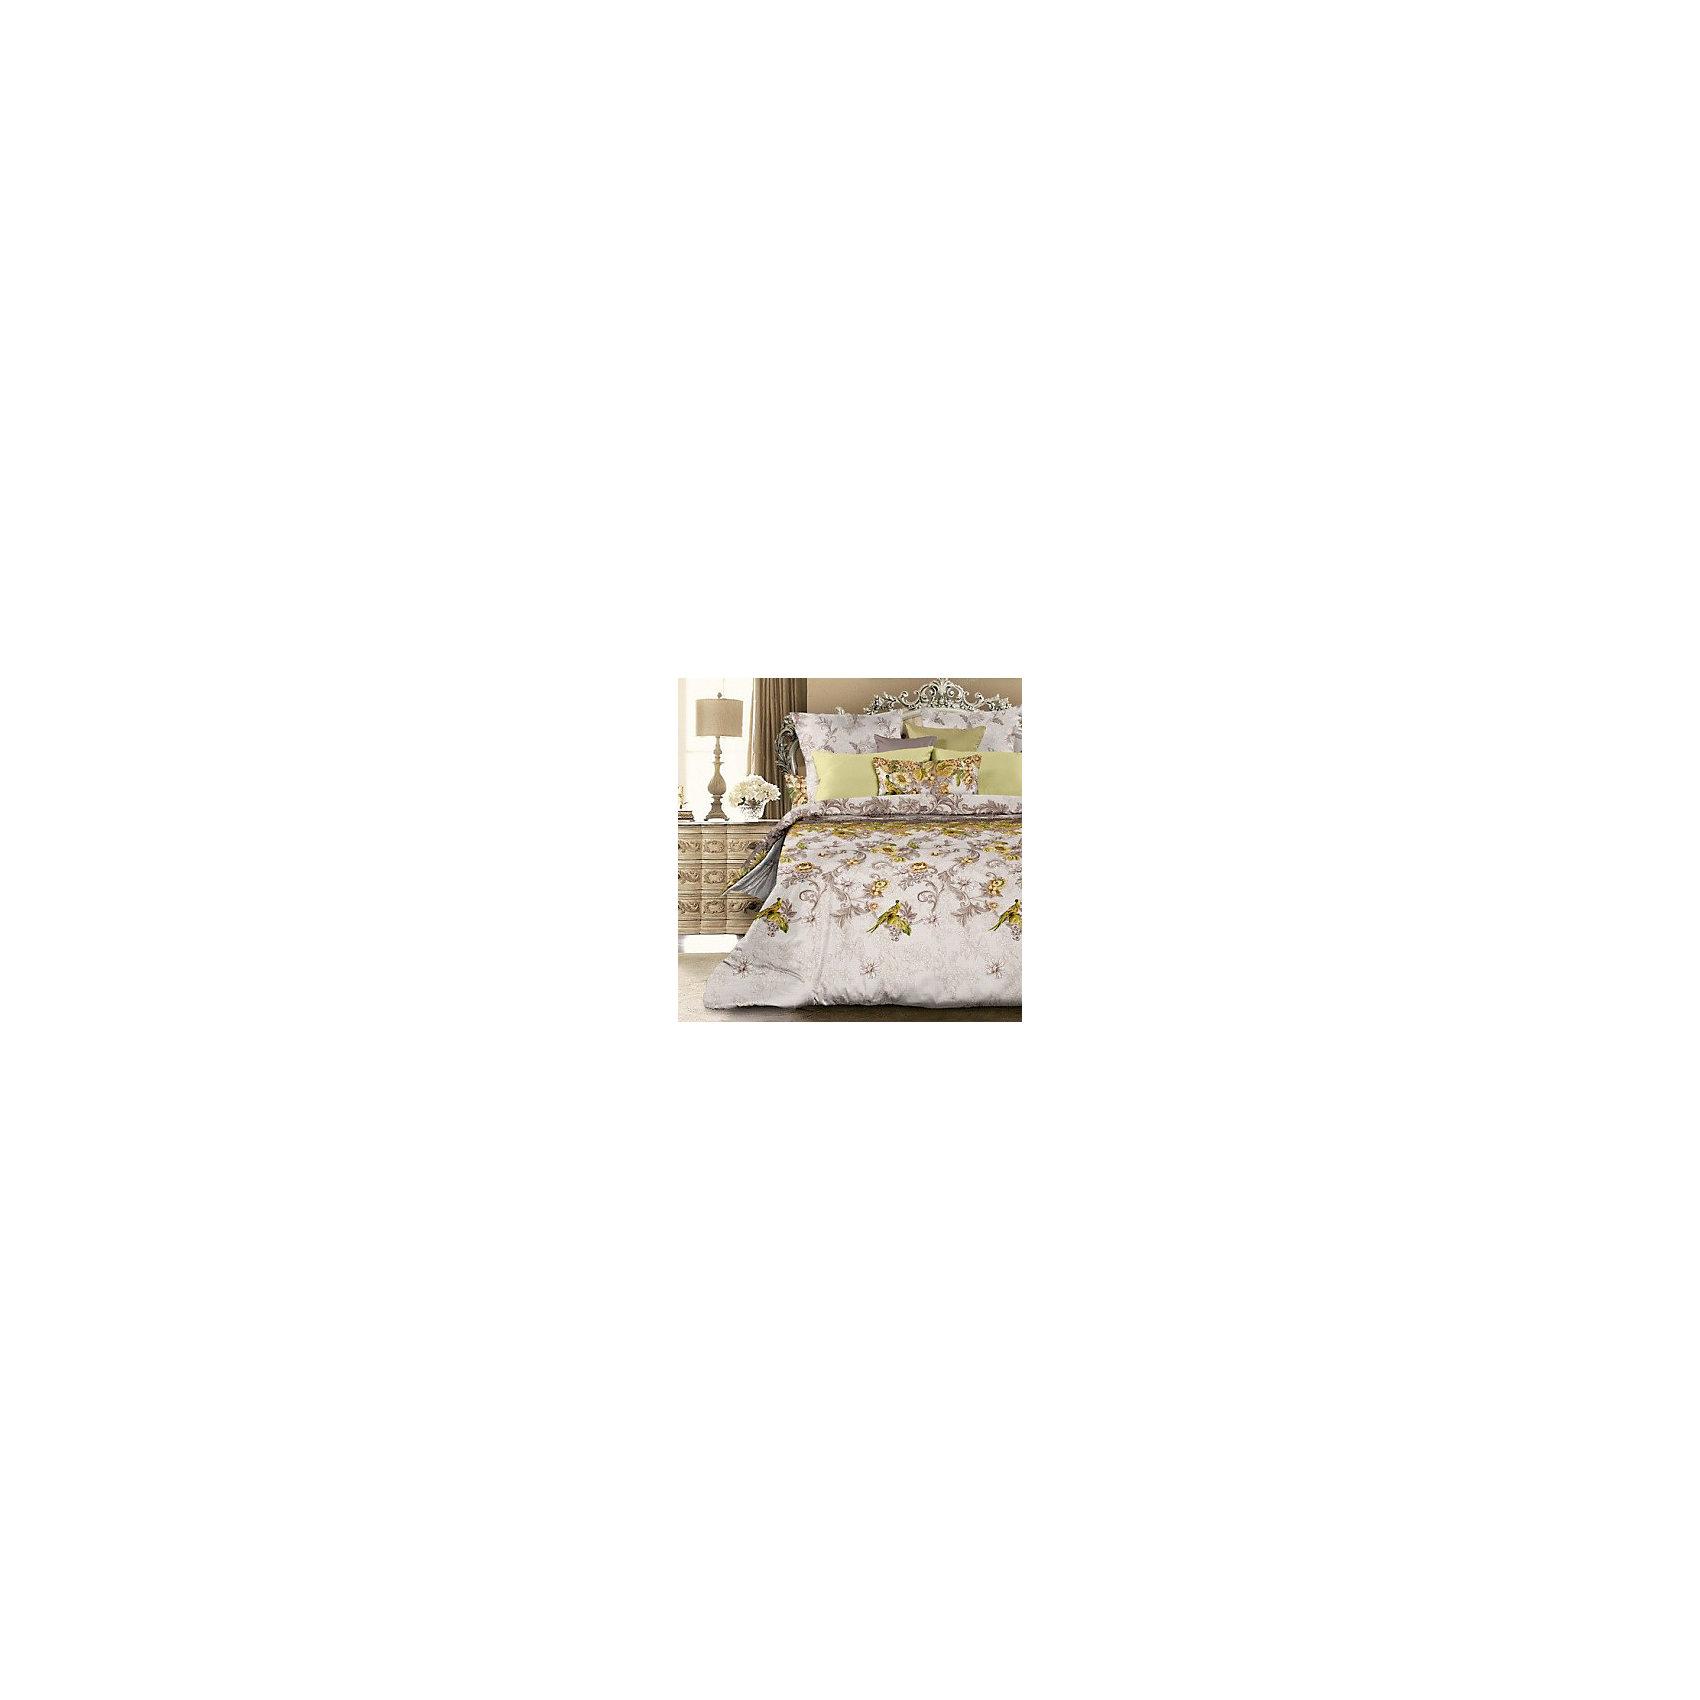 Постельное белье 2,0 Эрмитаж, Унисон биоматинДомашний текстиль<br>Характеристики товара:<br><br>• материал: хлопок;<br>• пододеяльник 215х175 см<br>• простыня 220х240 см<br>• 2 наволочки 70х70 см;<br>• размер упаковки 50х50х15 см;<br>• вес упаковки 1,4 кг;<br>• страна производитель: Россия.<br><br>Постельное белье 2-спальное «Эрмитаж» биоматин Унисон обеспечит уютный и спокойный сон. Комплект изготовлен из хлопка высокого качества — мягкого и плотного биоматина. Биоматин не вызывает аллергических реакций, является экологически чистым, отличается прочностью и износостойкостью, не линяет, не теряет цвет после многочисленных стирок. Перед первым применением белье из биоматина рекомендуется постирать.<br><br>Постельное белье 2-спальное «Эрмитаж» биоматин Унисон можно приобрести в нашем интернет-магазине.<br><br>Ширина мм: 500<br>Глубина мм: 500<br>Высота мм: 150<br>Вес г: 1409<br>Возраст от месяцев: 216<br>Возраст до месяцев: 1188<br>Пол: Унисекс<br>Возраст: Детский<br>SKU: 5136357